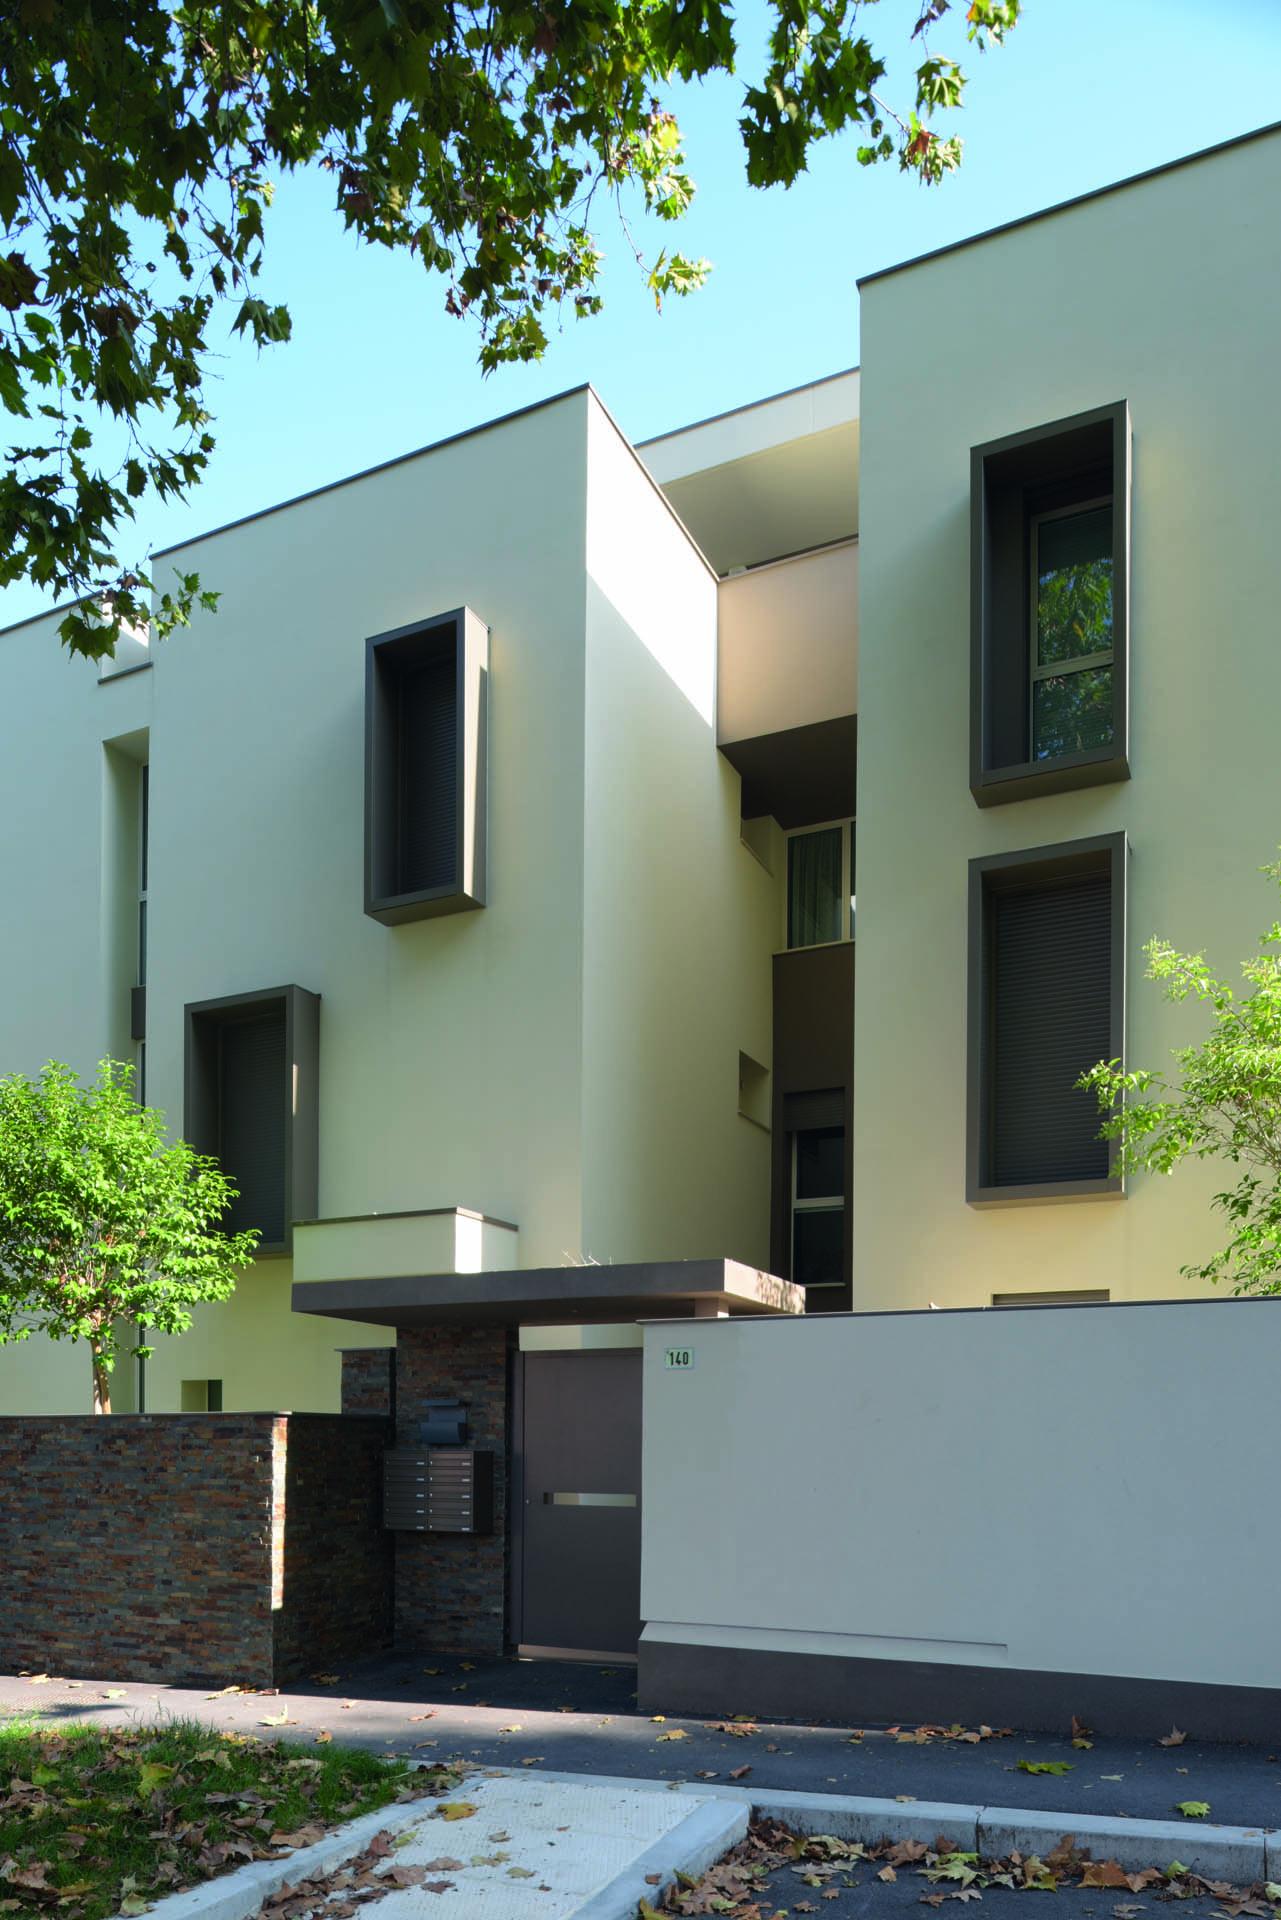 00 Studio Bacchi architetti associati condominio Davide copertina 02